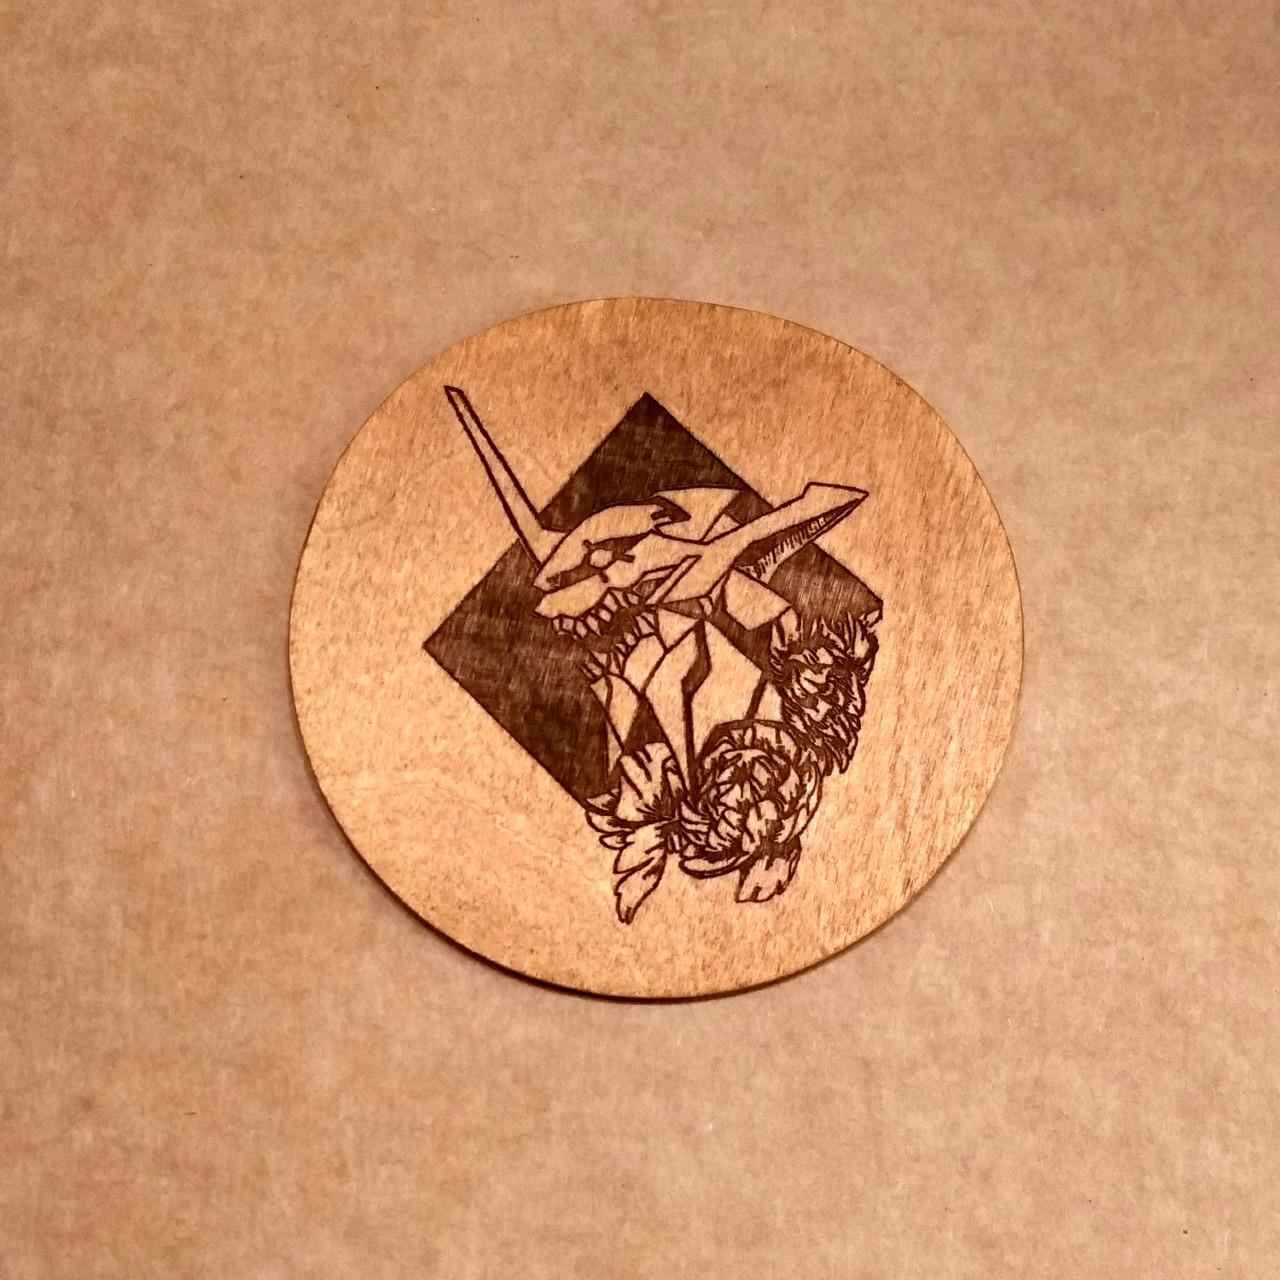 Костер деревянный. Подставка под кружку Евангелион.